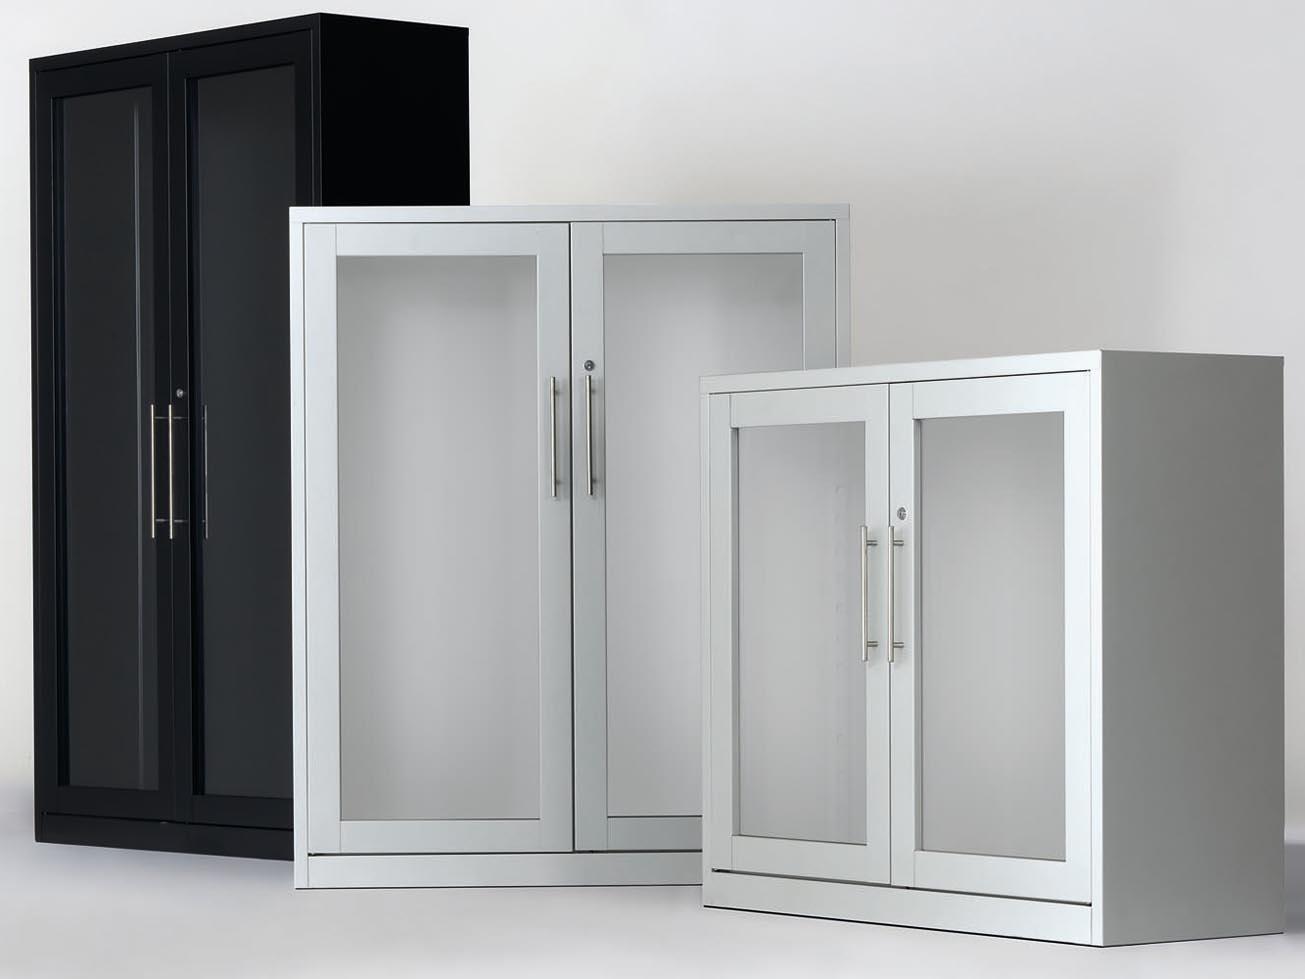 Armario puertas cristal abatibles coprohi - Puertas armario abatibles ...